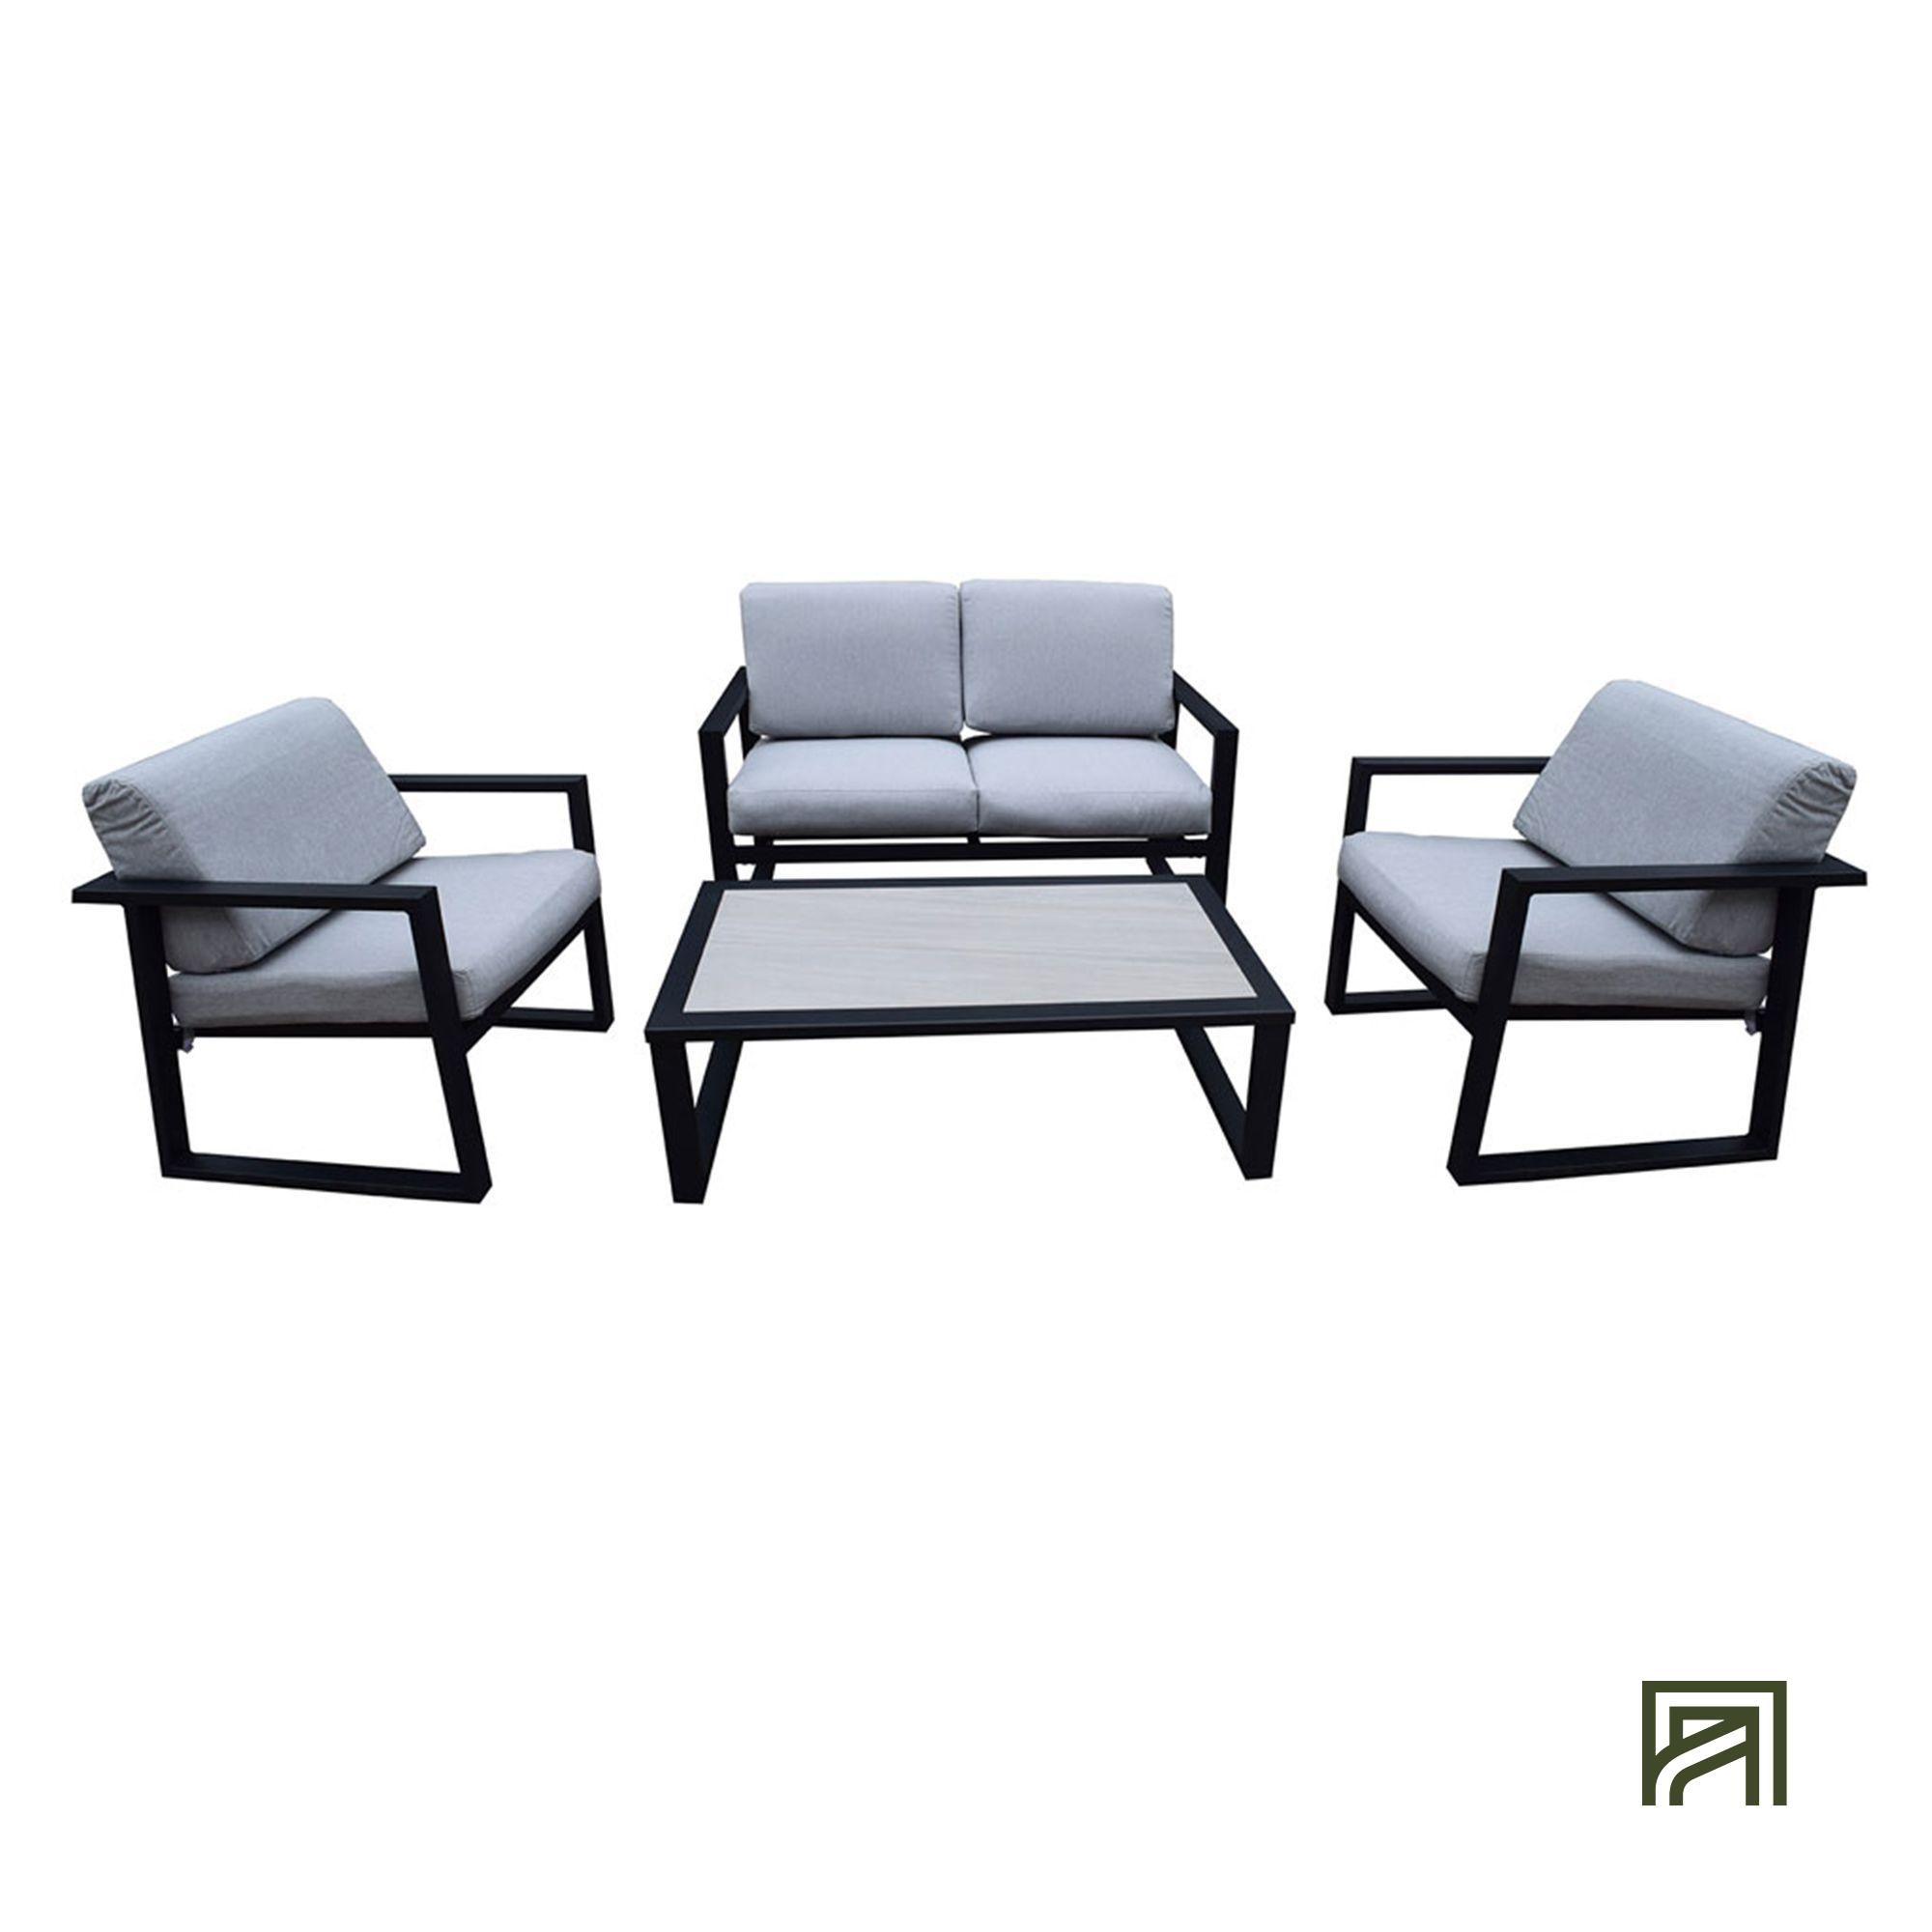 alinea : maria salon de jardin noir et gris en aluminium (4 places ...